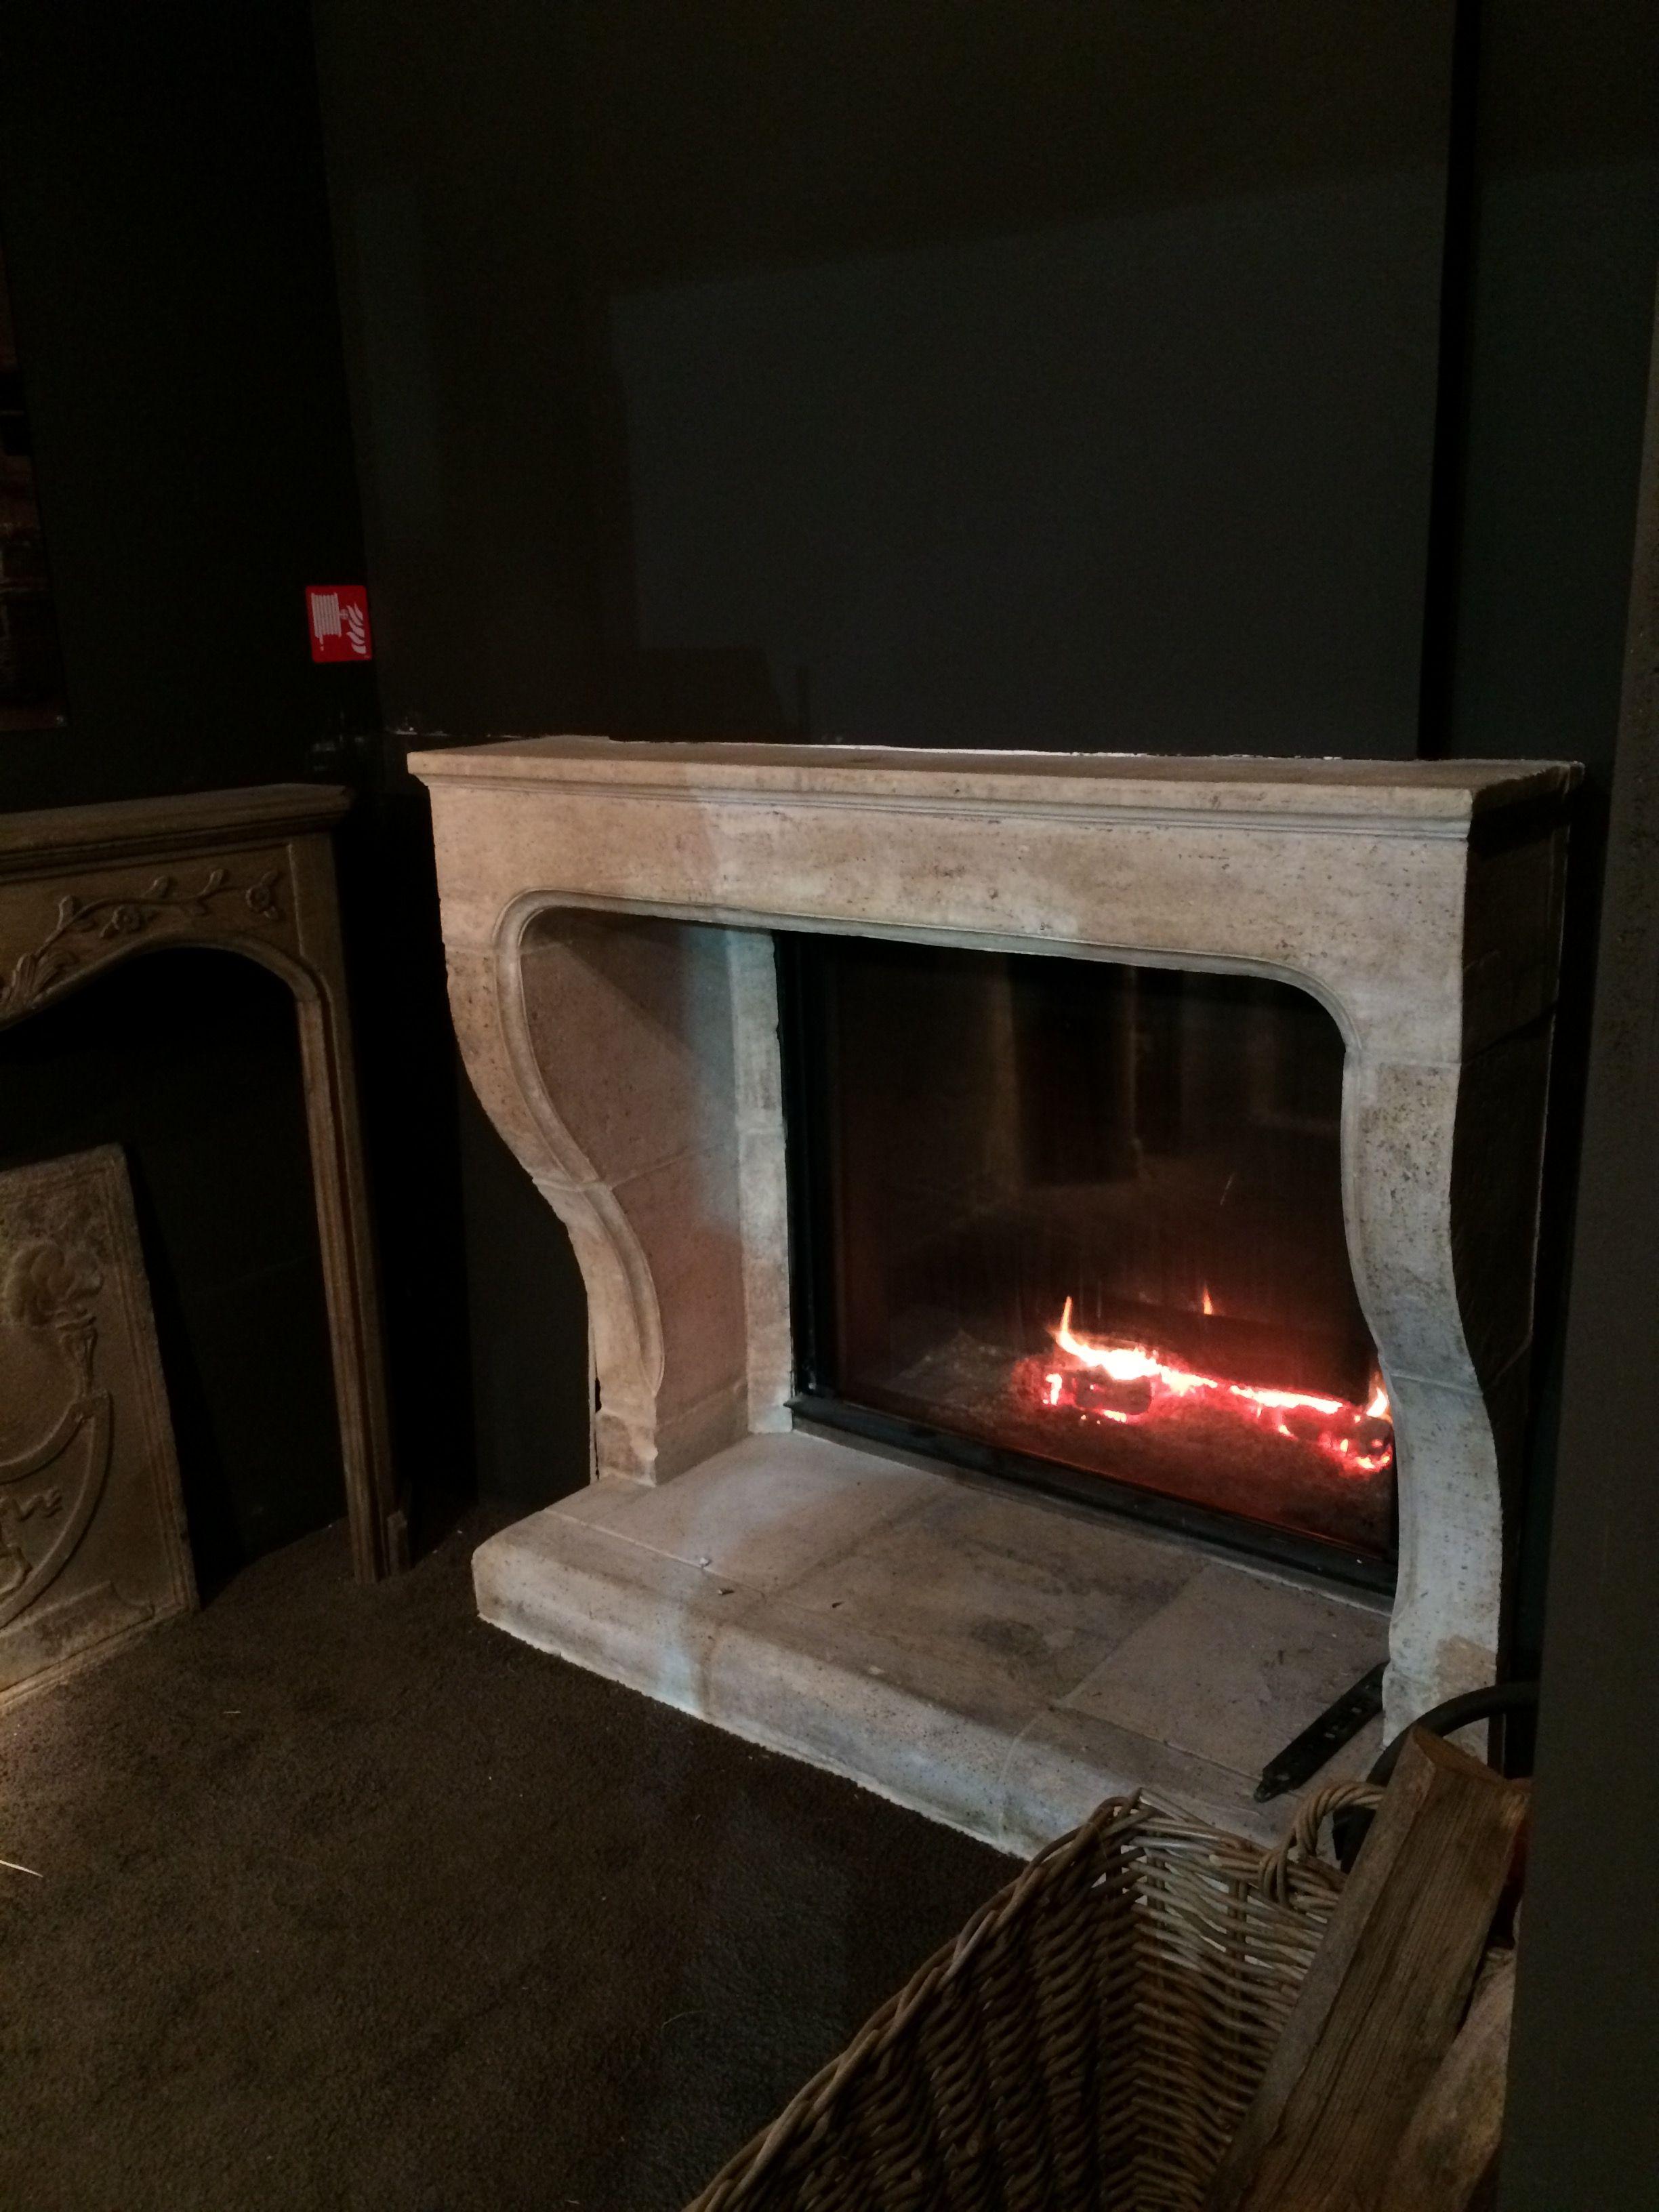 Renovation De Cheminee Ancienne Épinglé par annecha guerry sur cheminee en 2020 | cheminée